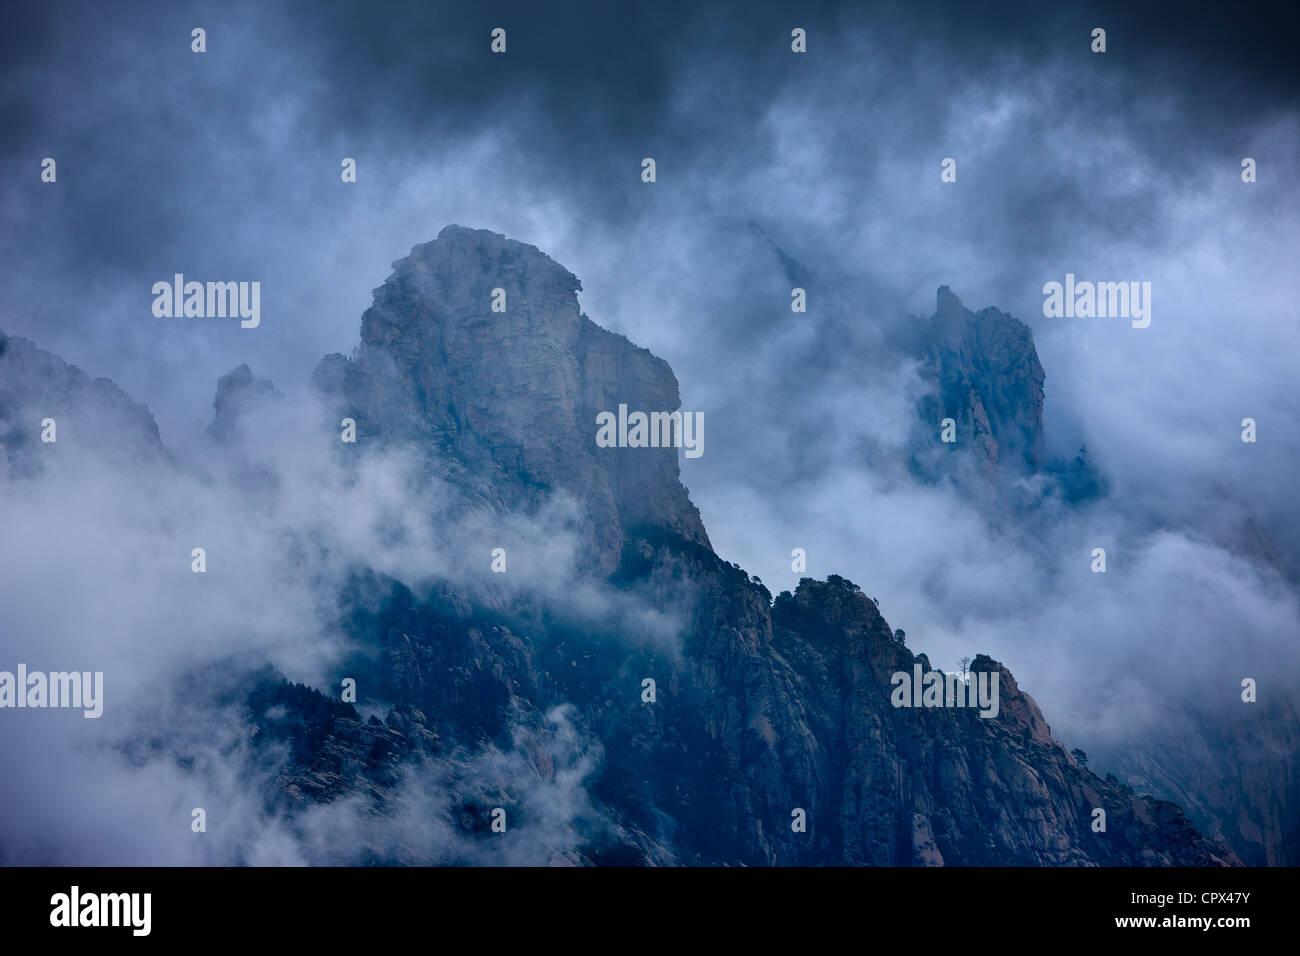 Nubes de lluvia colgando sobre el Col de Bavella, montañas de Bavella, Córcega, Francia Imagen De Stock